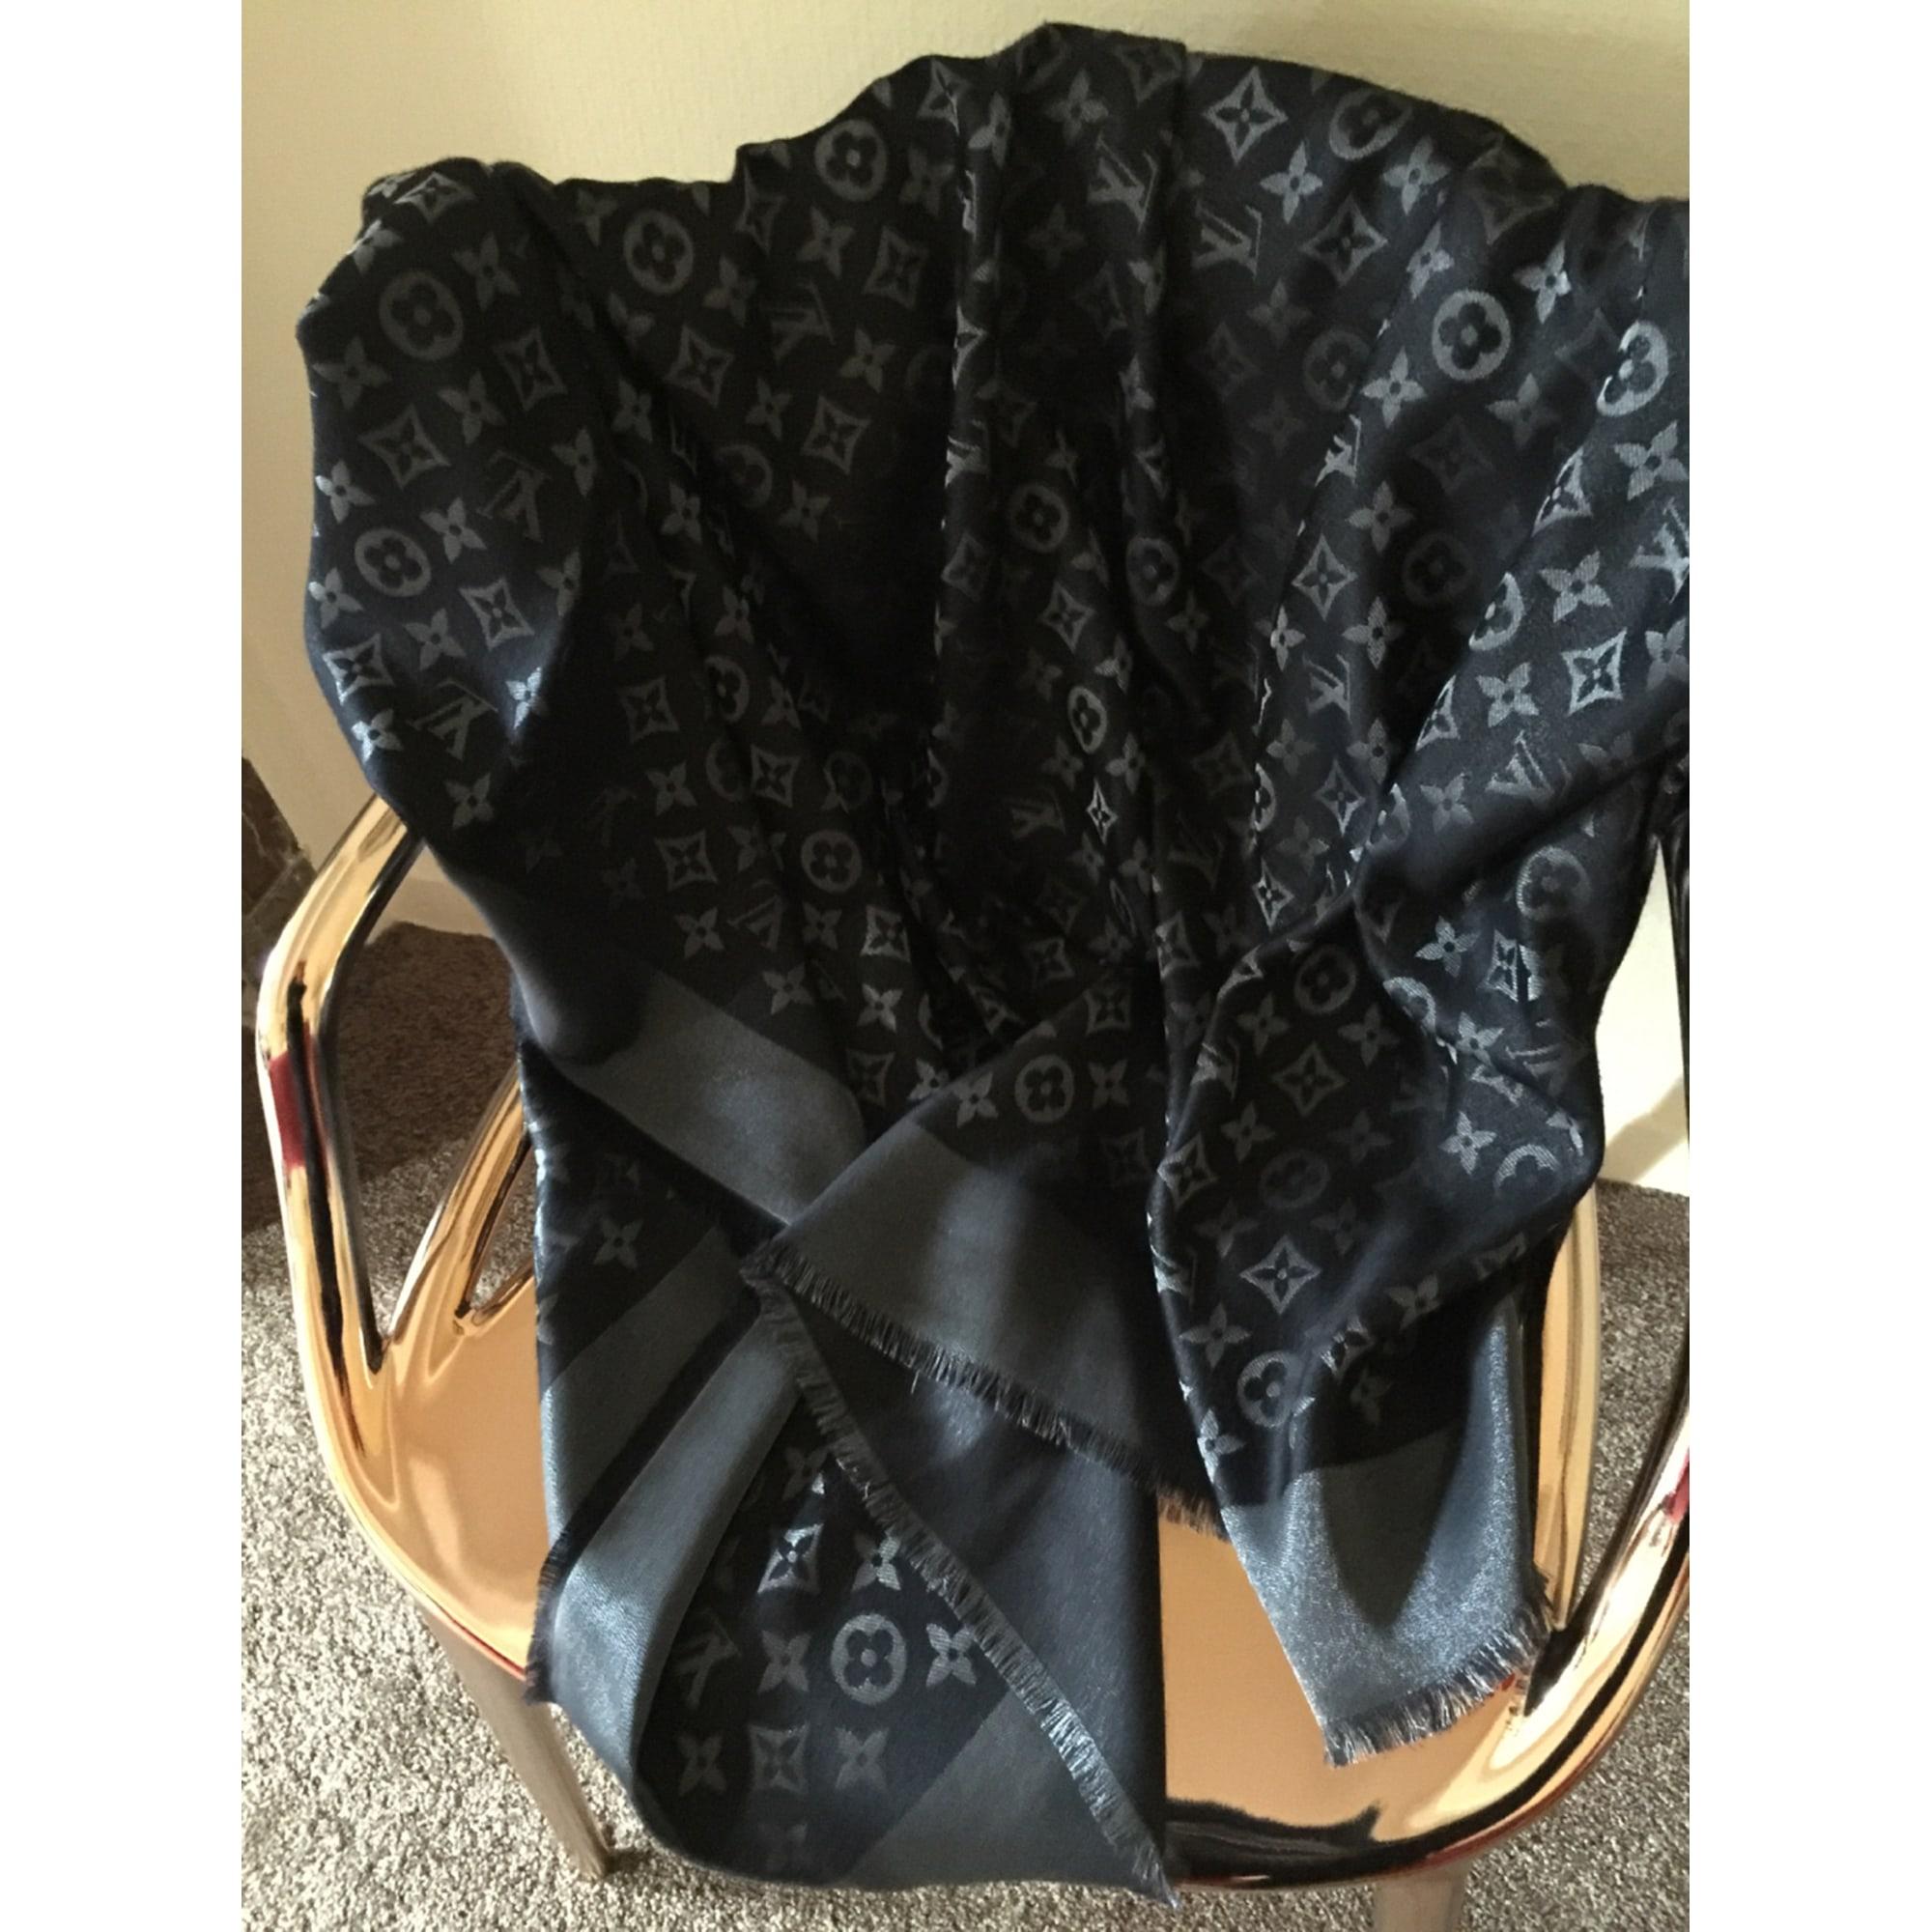 Châle LOUIS VUITTON noir vendu par Marie helene 10520389 - 5537603 a90022e8a2f